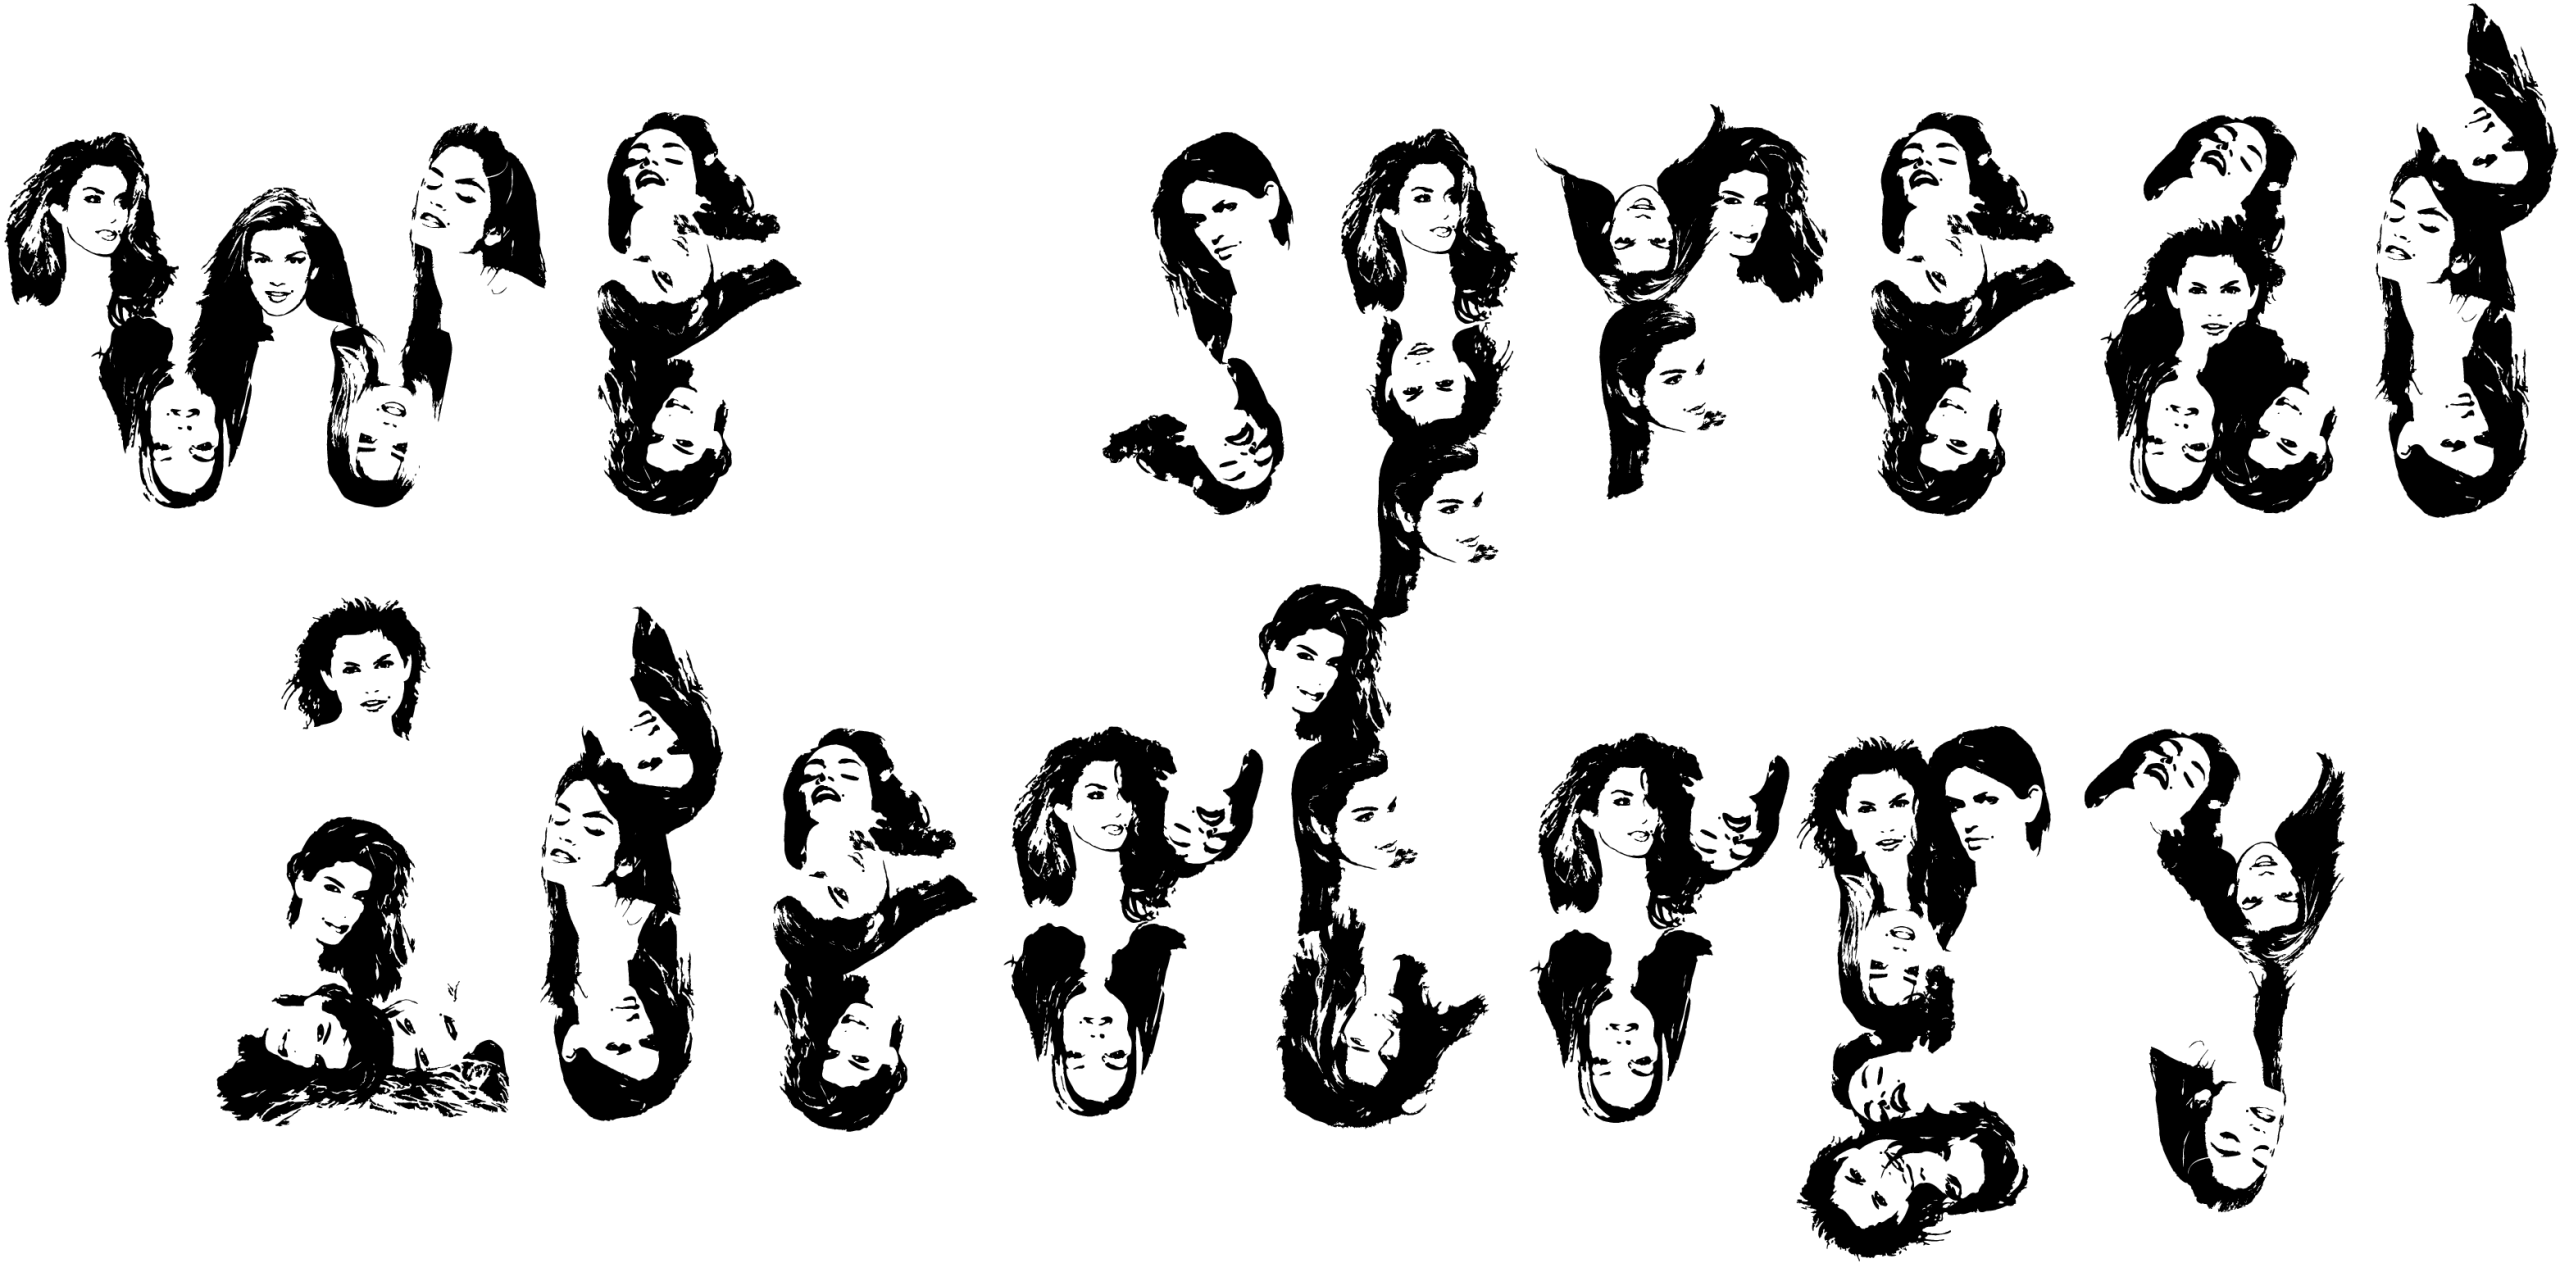 Lettrage réalisé avec des portraits du mannequin Cindy Crawford. Élement de mon projet de diplôme de l'ECAL.